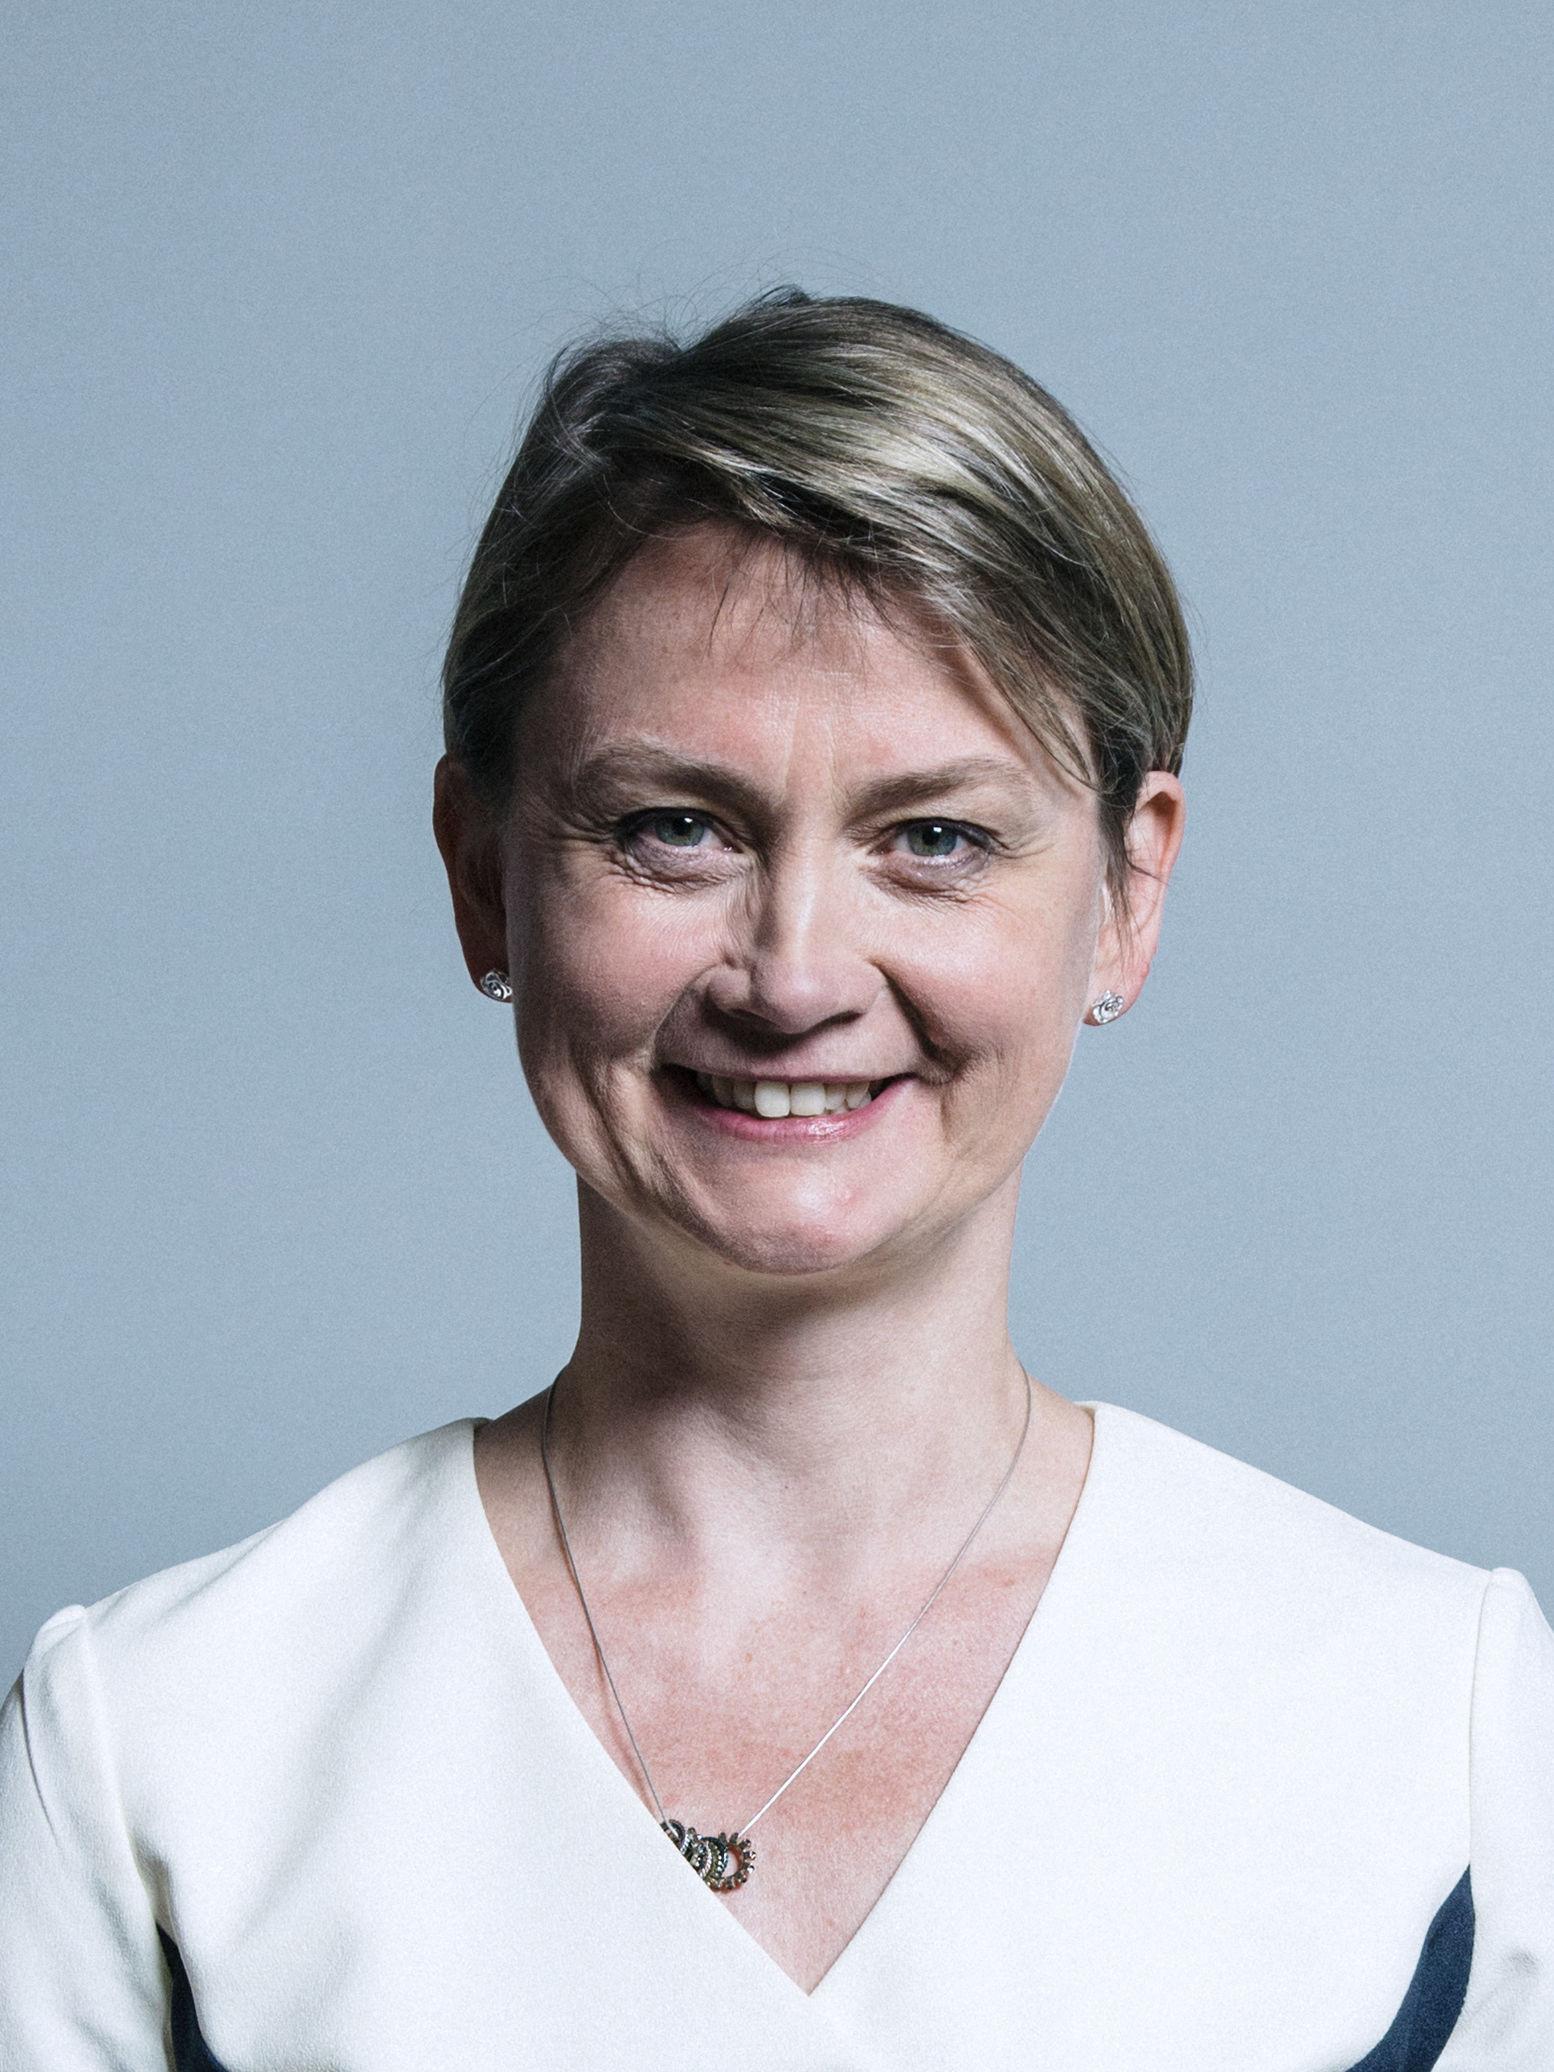 Janet Hain yvette cooper - wikipedia